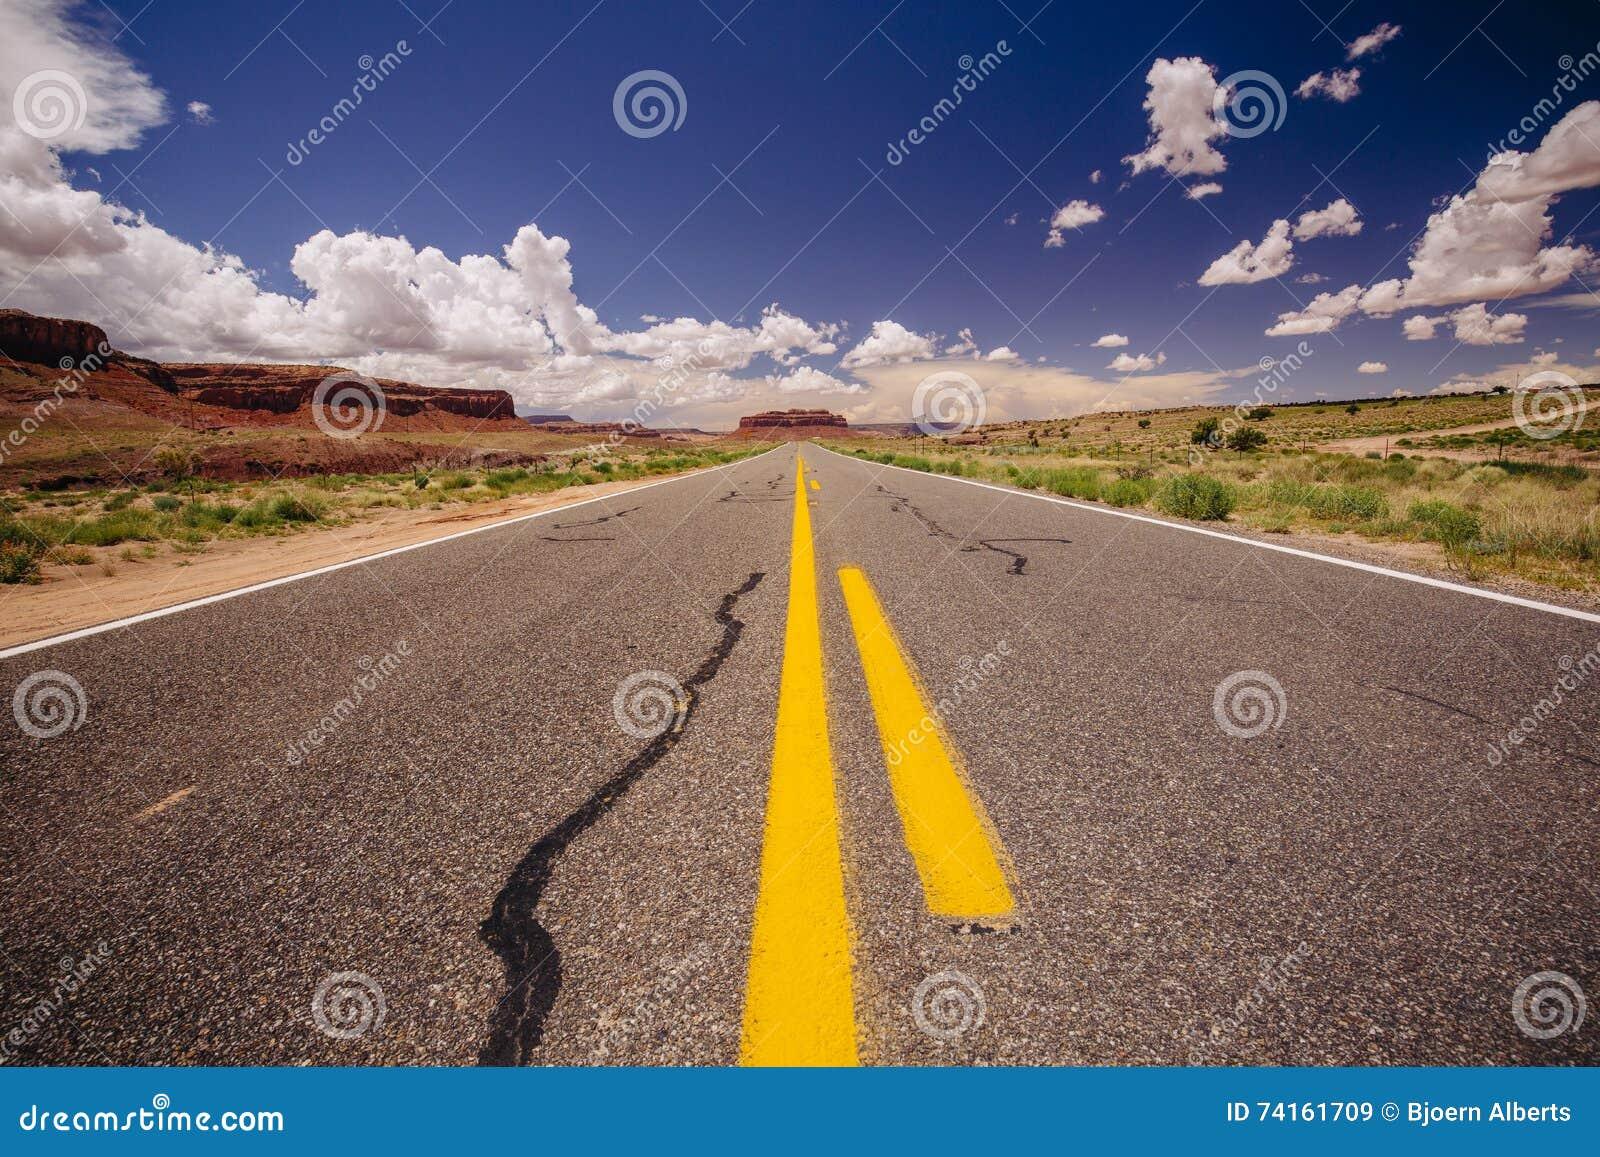 Estrada 163, uma estrada infinita, pico de Agathla, o Arizona, EUA